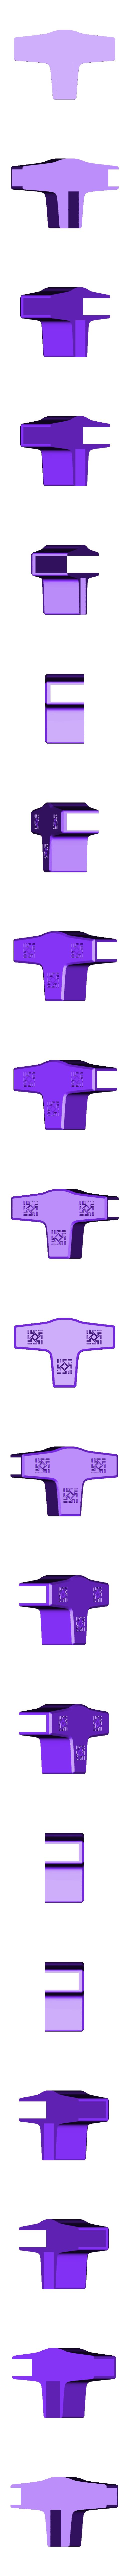 Shelv___T_t_sm_.stl Télécharger fichier STL gratuit Zavr - Système d'étagères modulaires pour les filles courageuses • Objet pour impression 3D, shumeyko